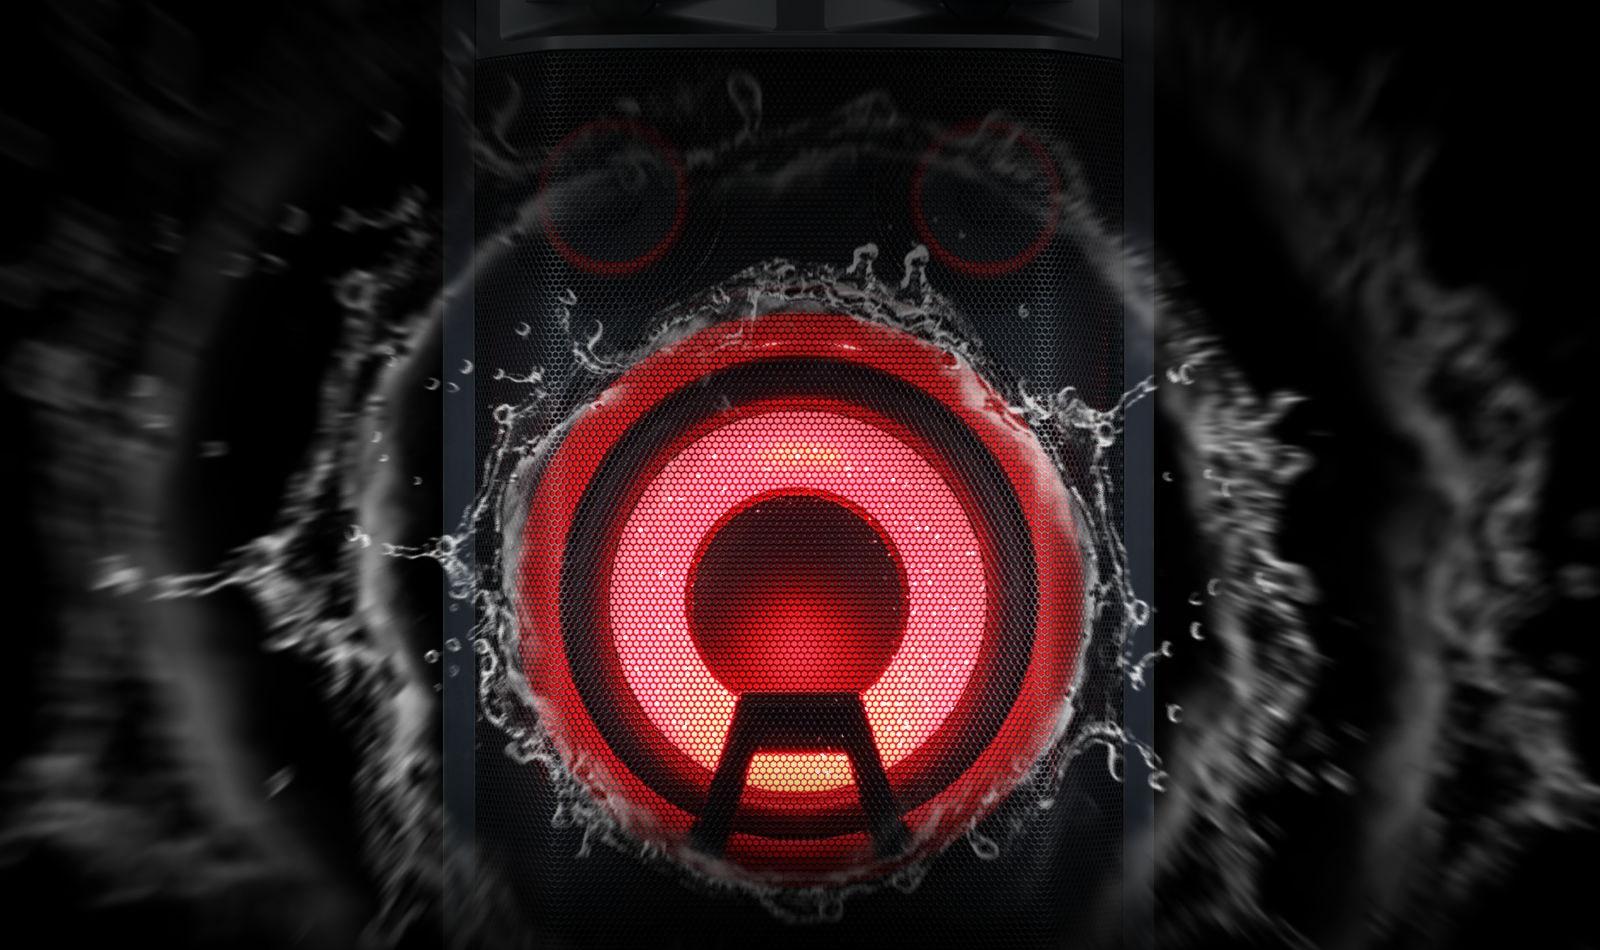 02_OK99_Blast_Horn_Desktop